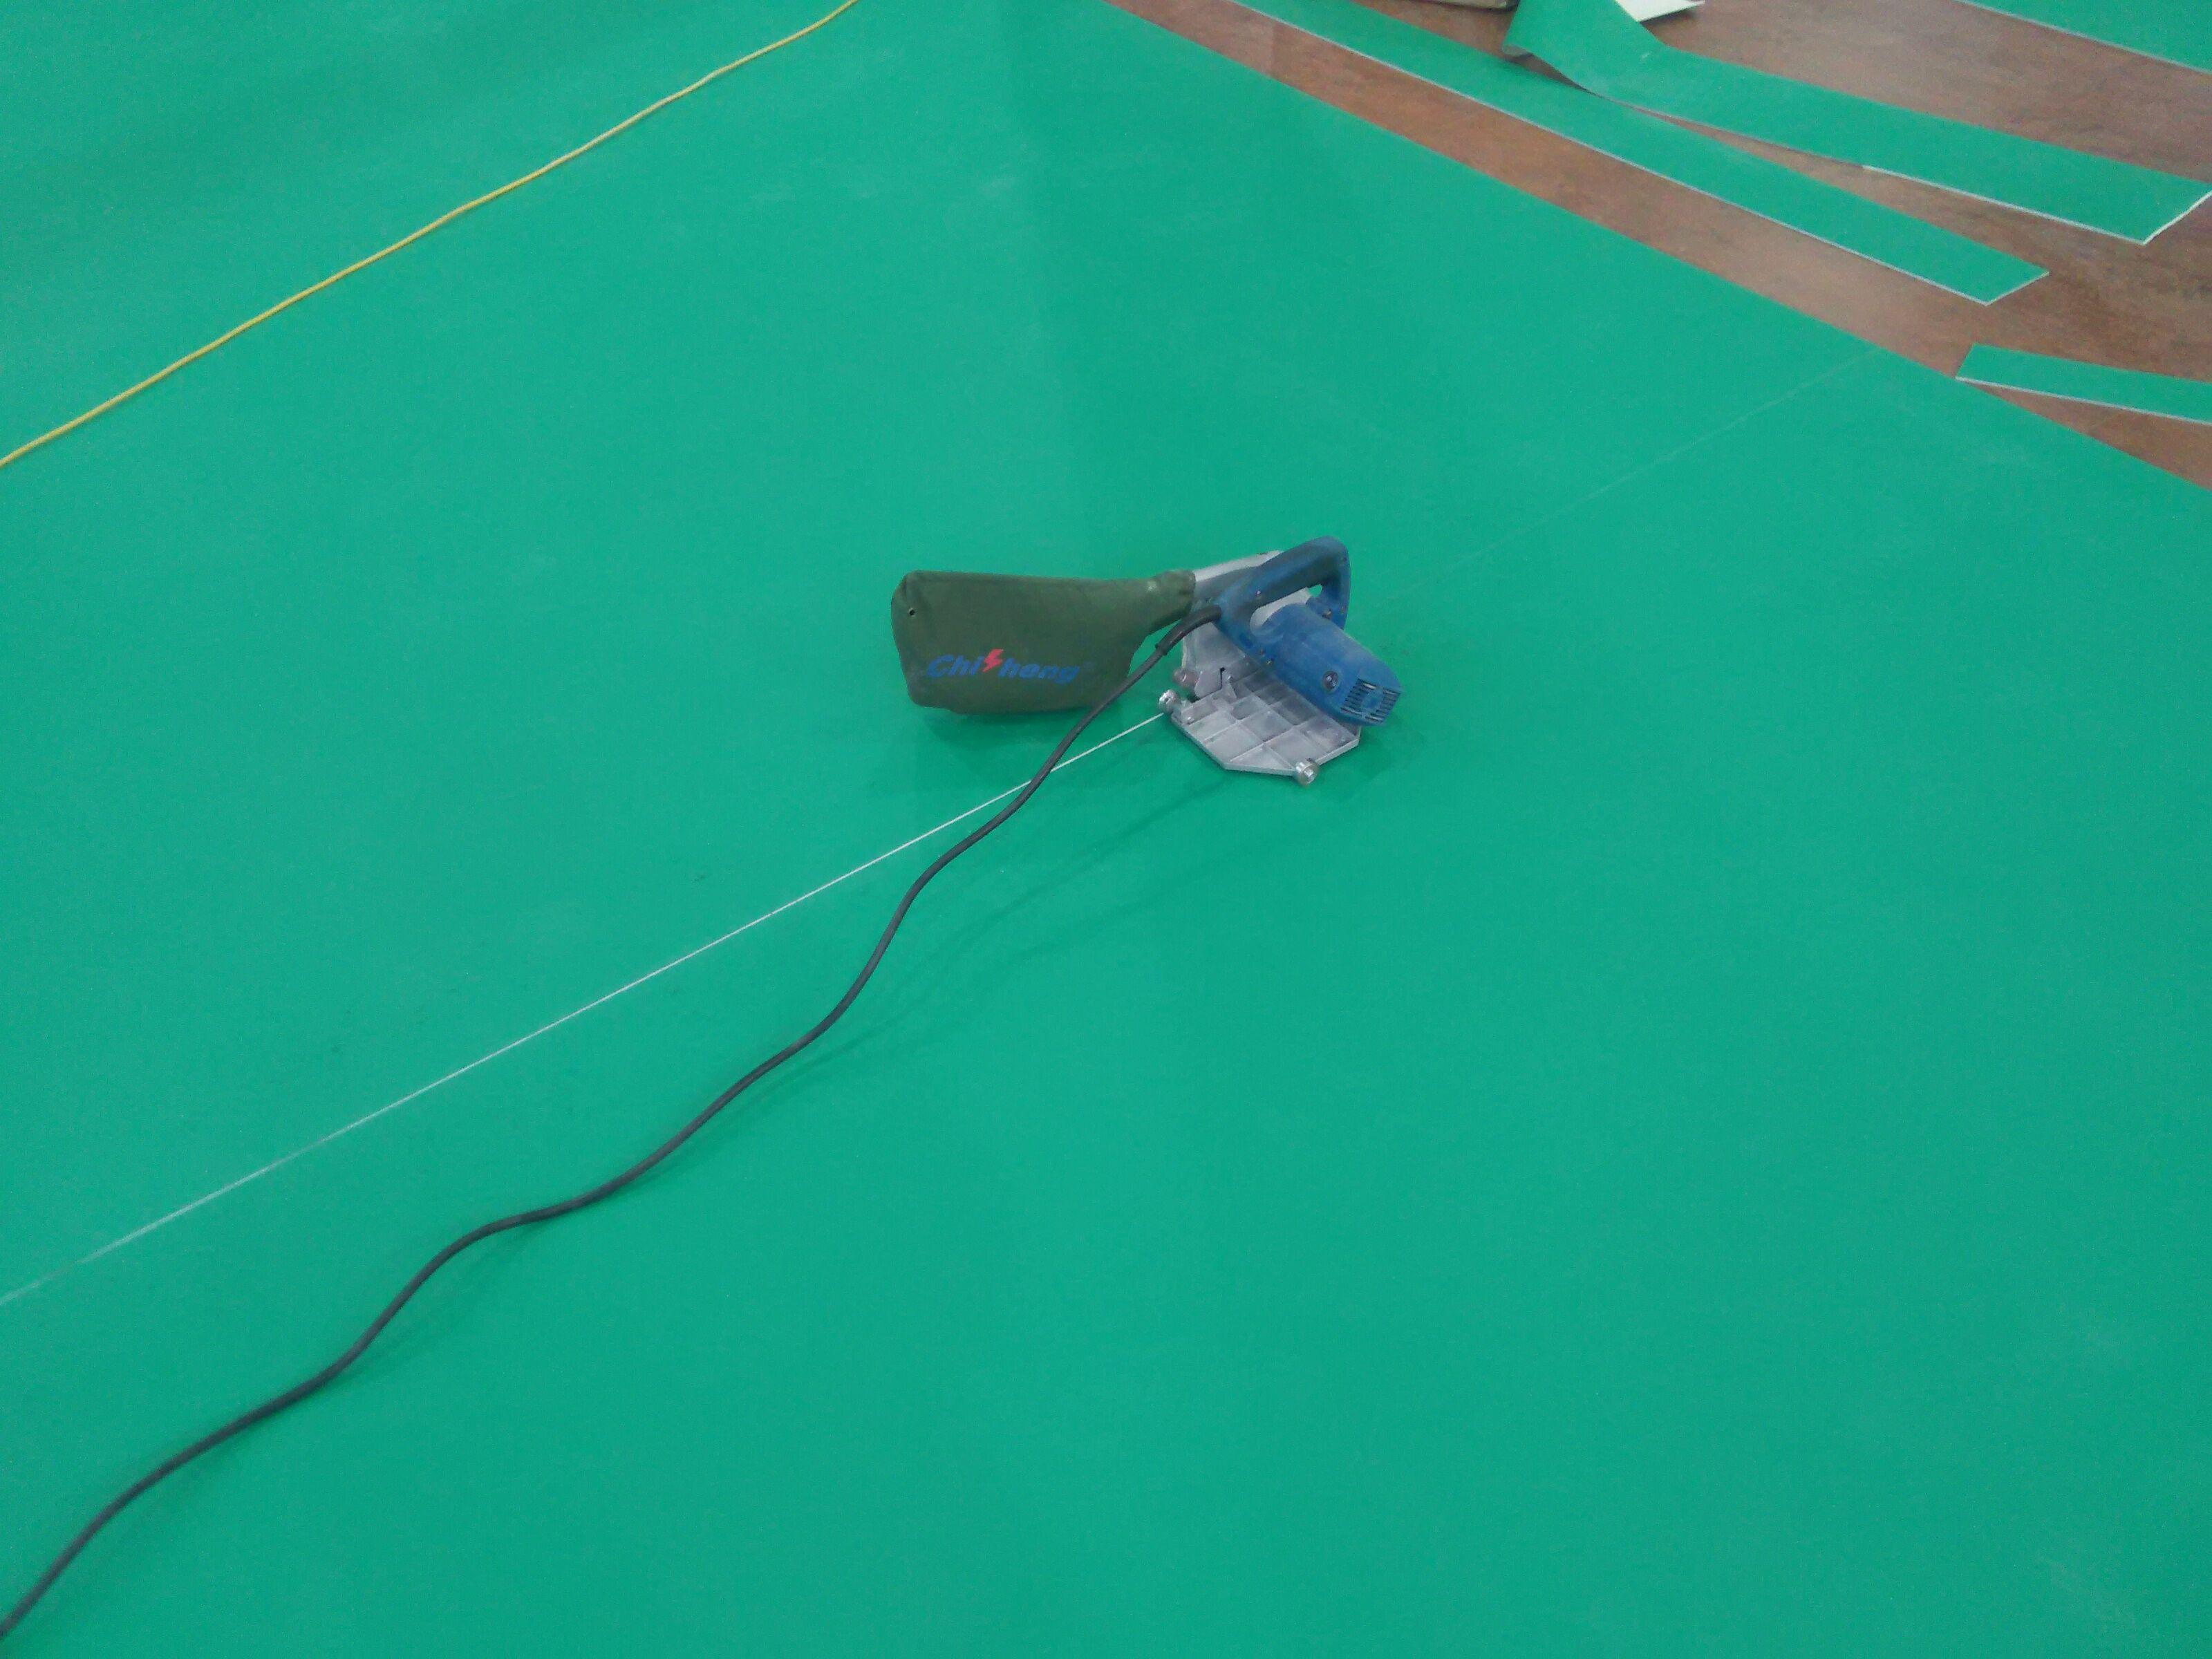 幼儿园地胶,学校塑胶地板,地胶施工图片